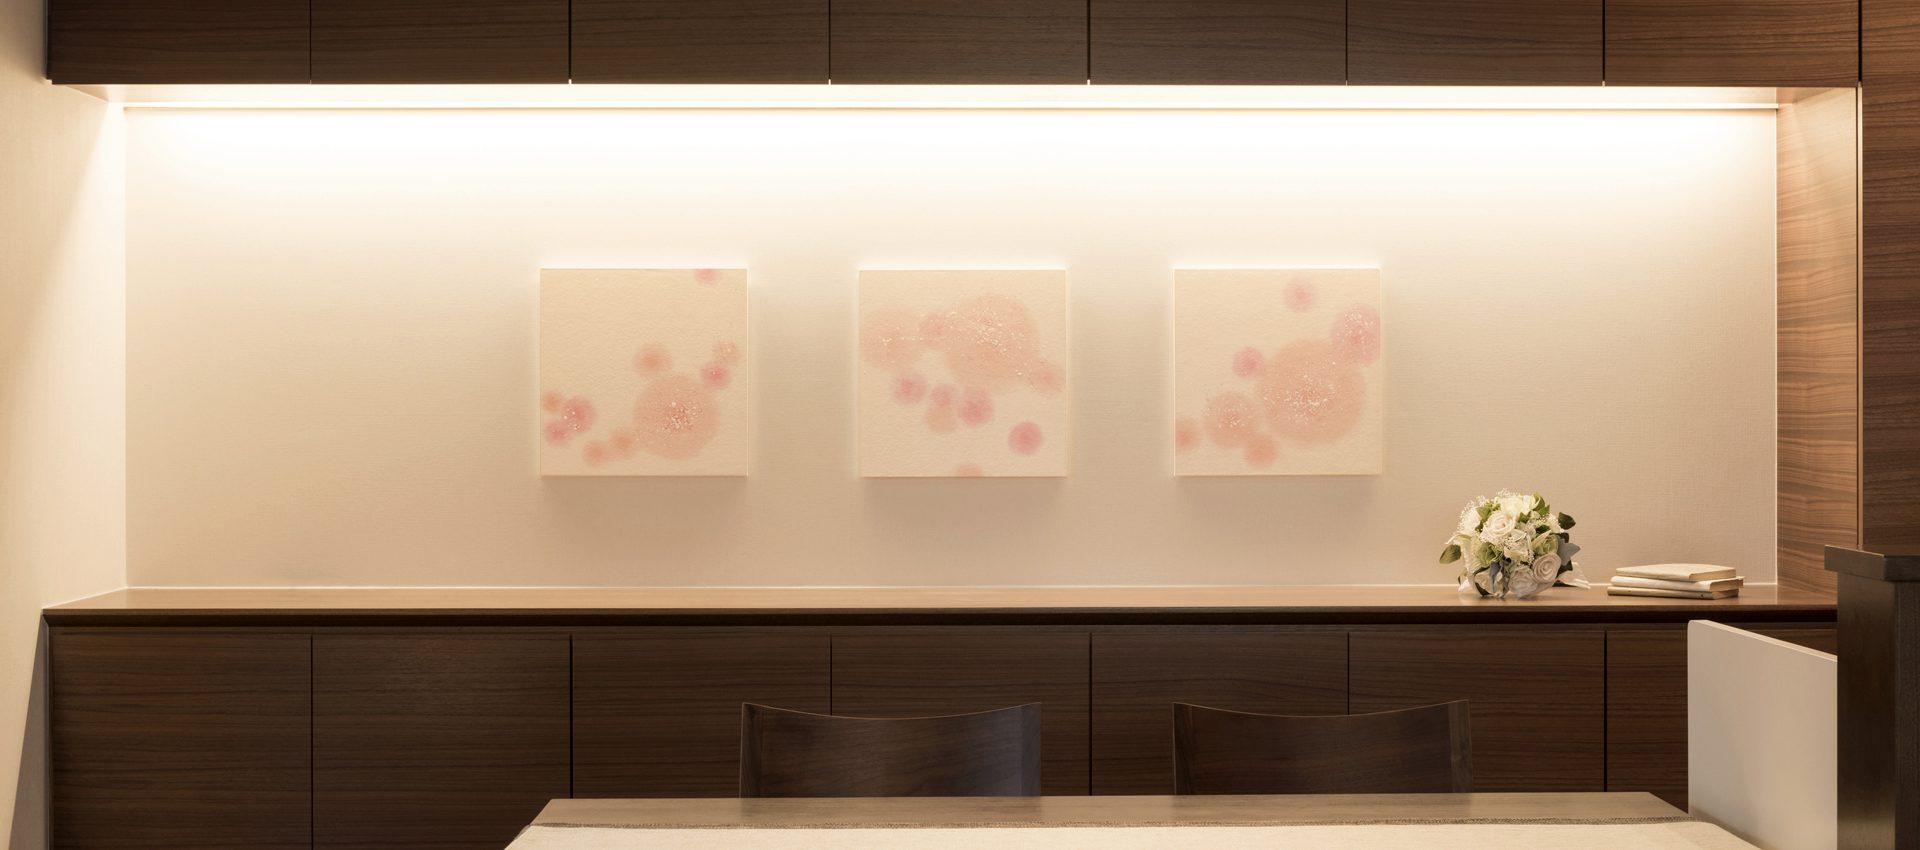 「春風」和紙インテリアアートパネル(大サイズ画像)